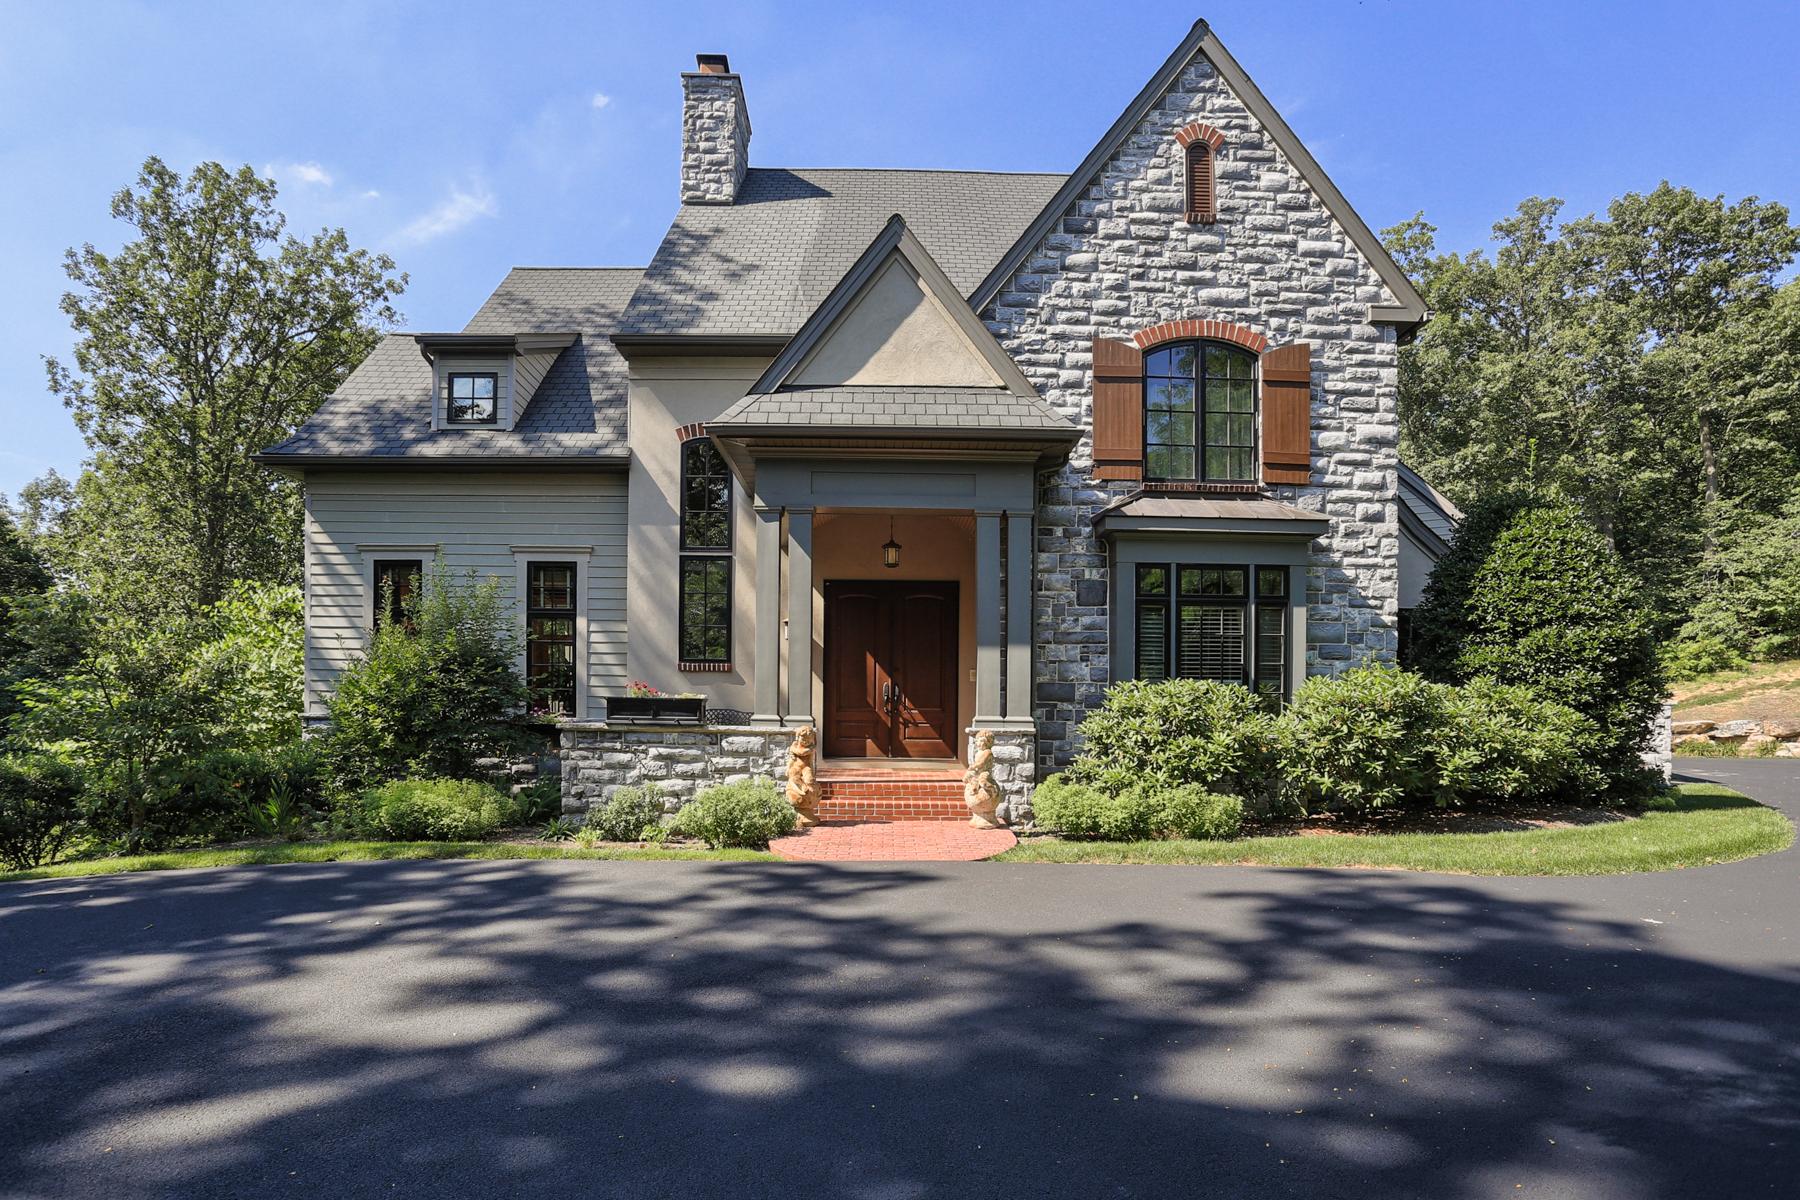 Частный односемейный дом для того Продажа на 3832 Hillcrest Drive Columbia, 17512 Соединенные Штаты